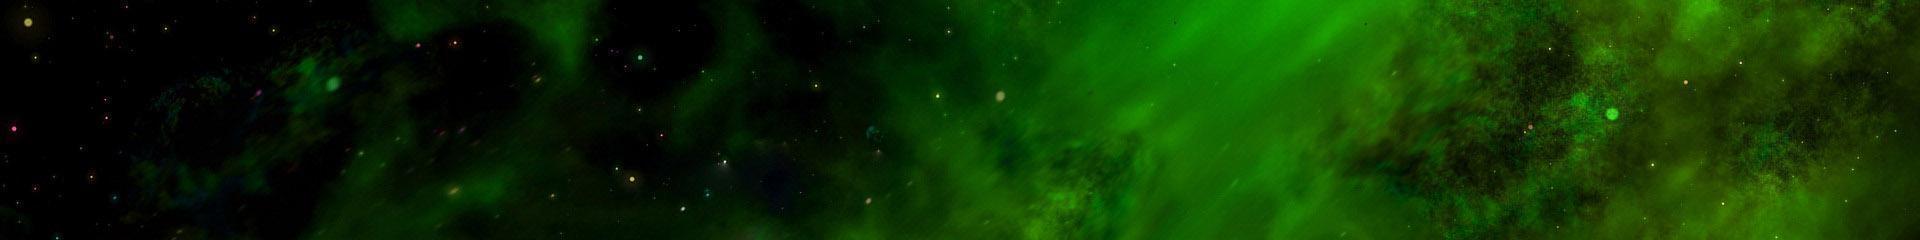 vesmír, zelený pruh